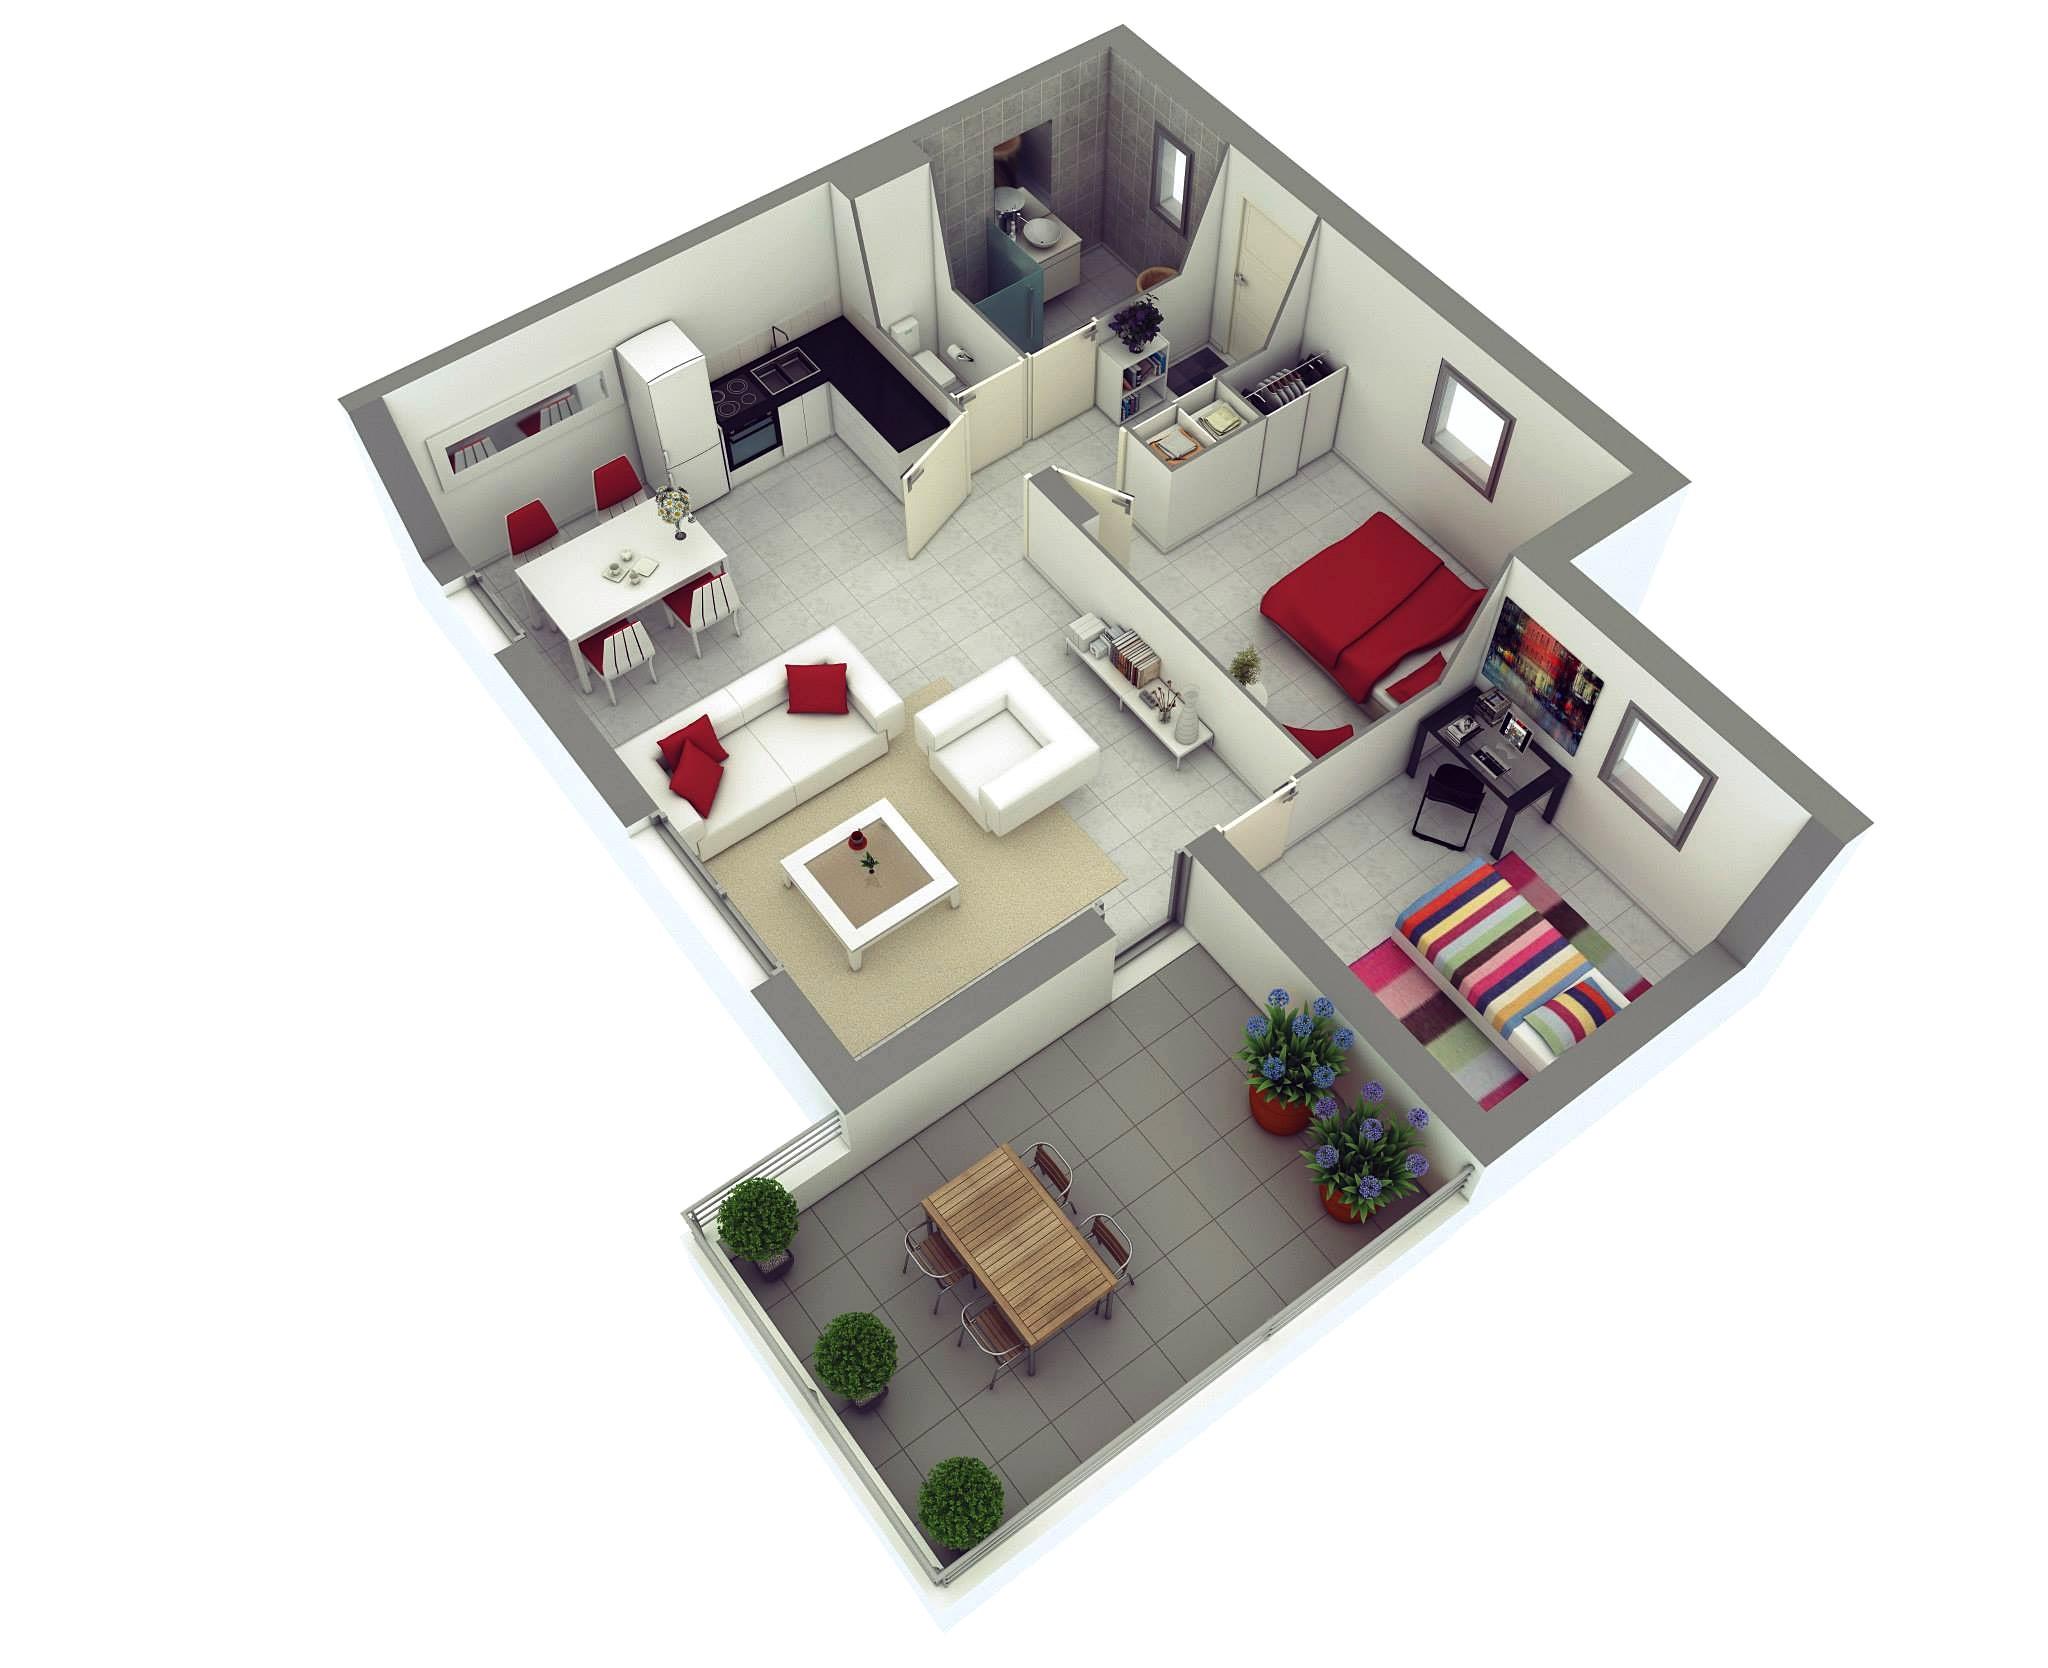 15 Denah Rumah Minimalis 2 Kamar Tidur 3D 2019 Terbaru Dekor Rumah